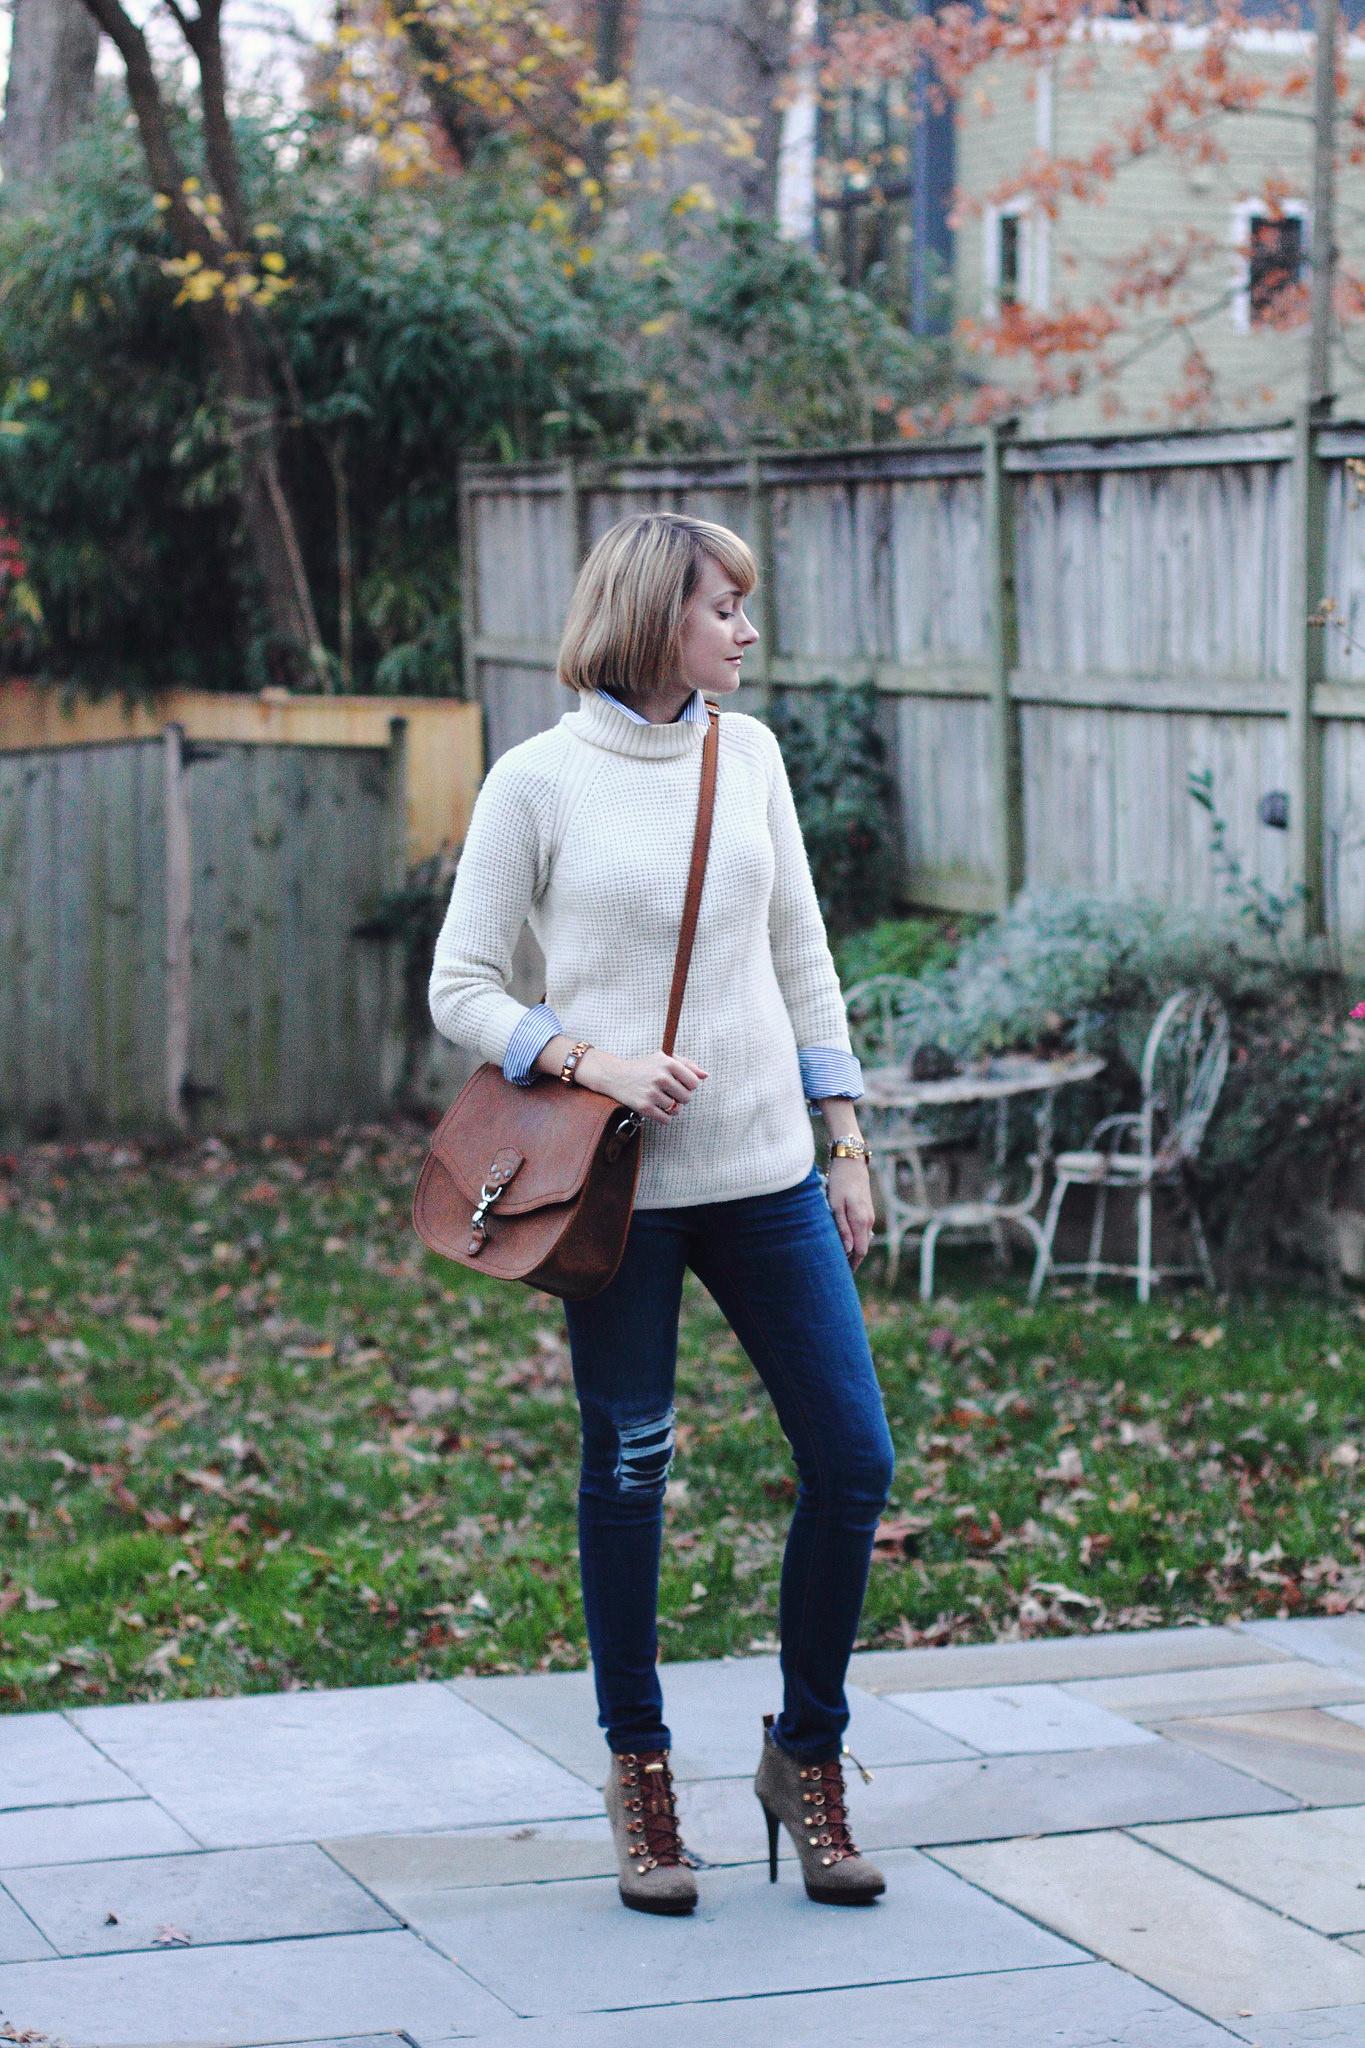 Banana Republic sweater and Saddleback Leather bag